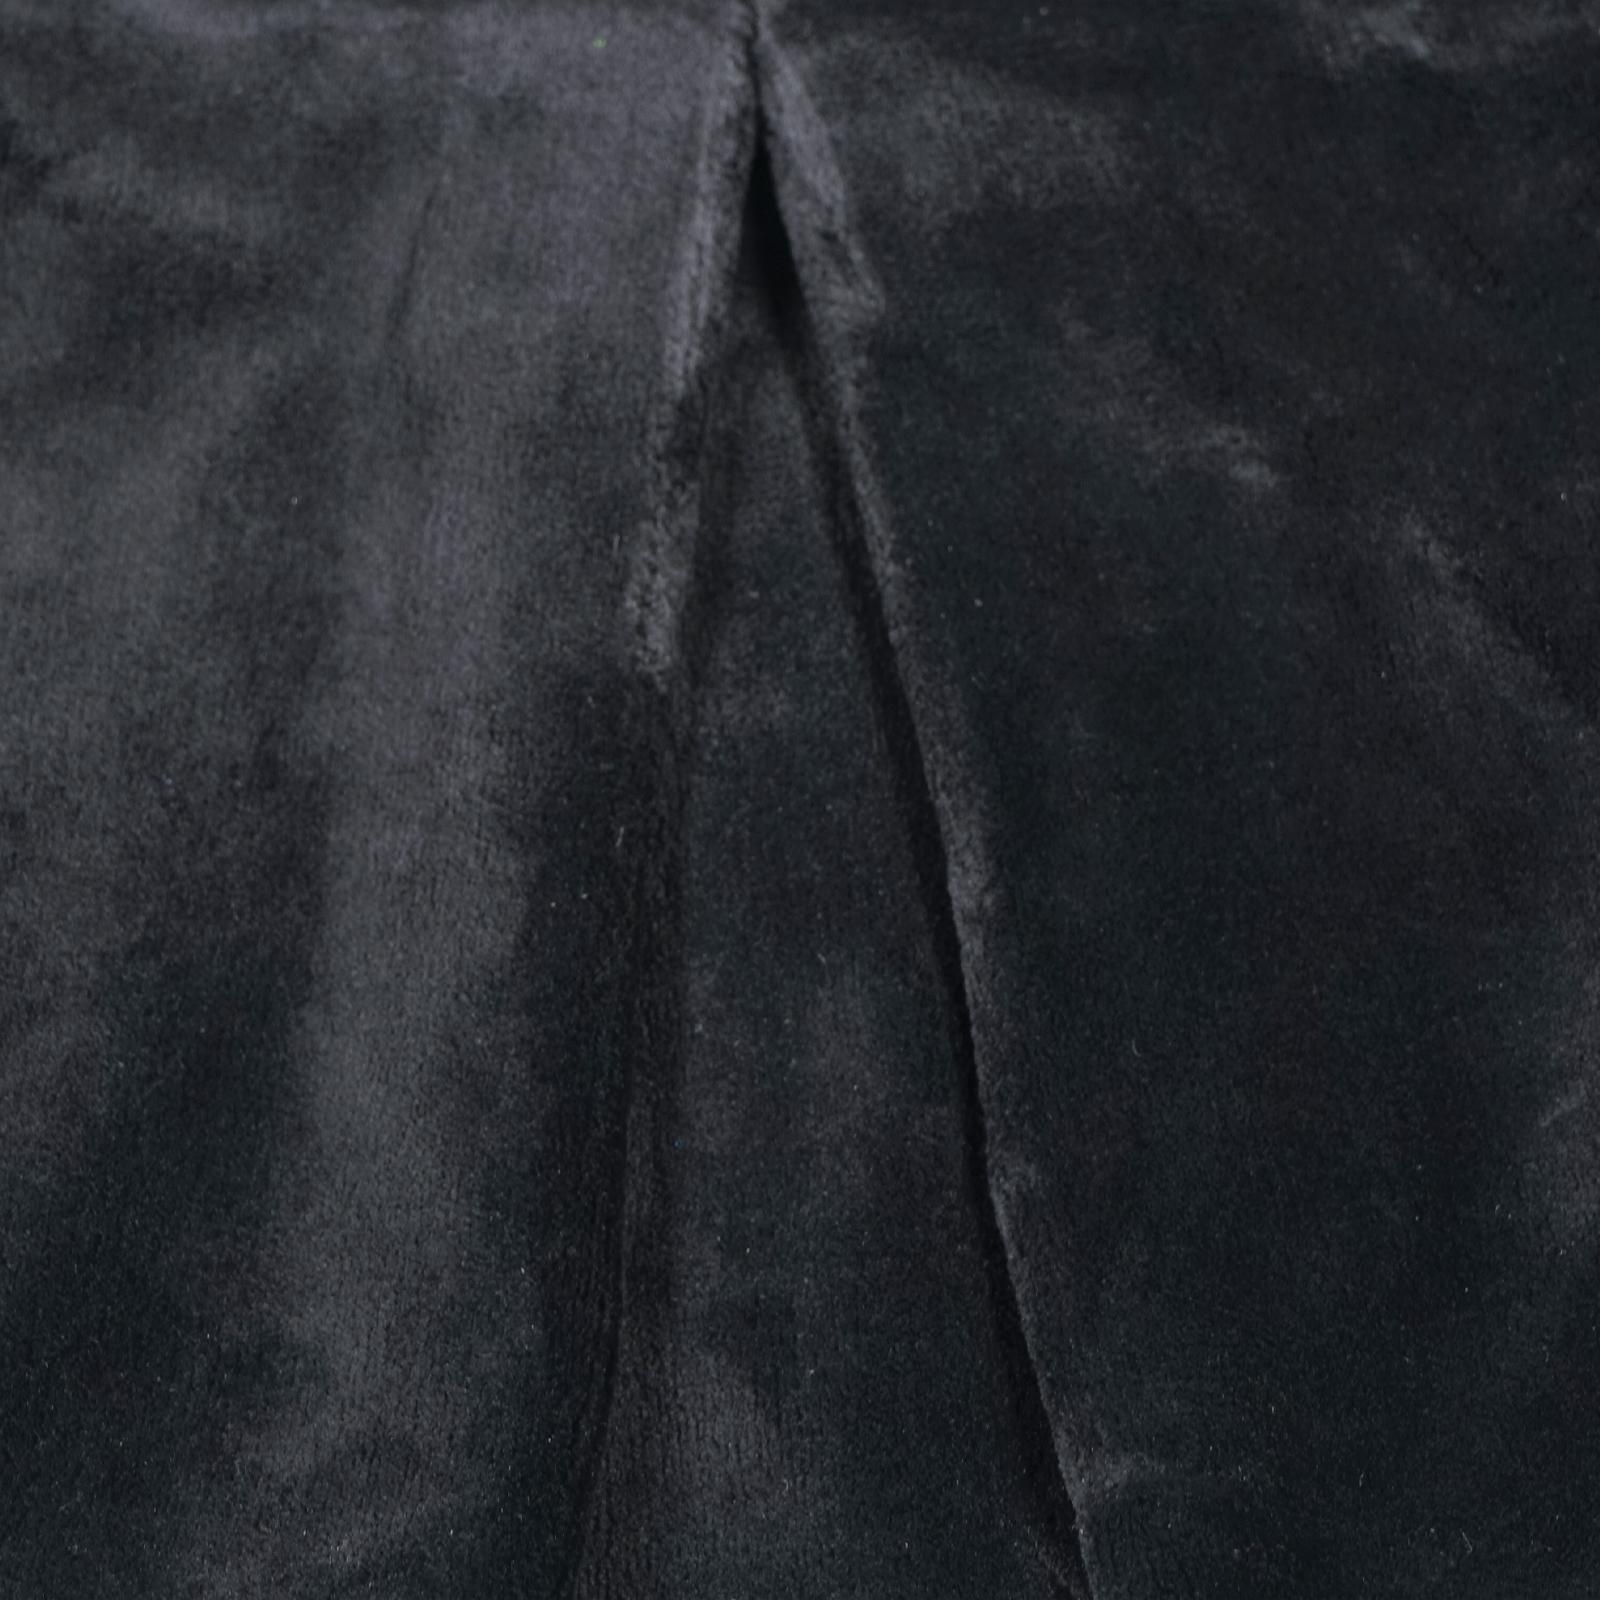 GTStageDeck_WoolSerge_Pleated_Skirt_U01